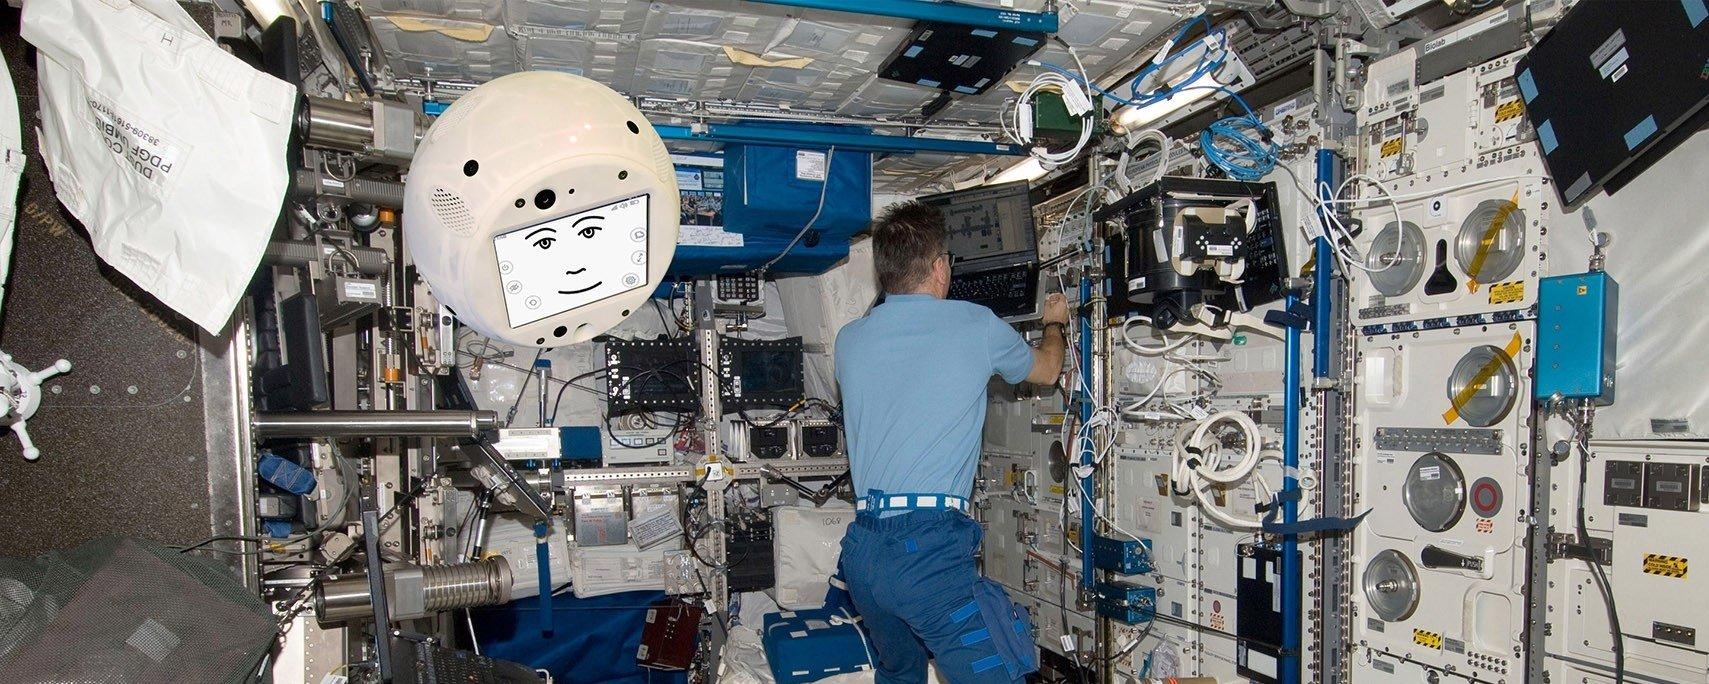 Cimon é o robô com IA que vai ajudar astronautas na Estação Espacial